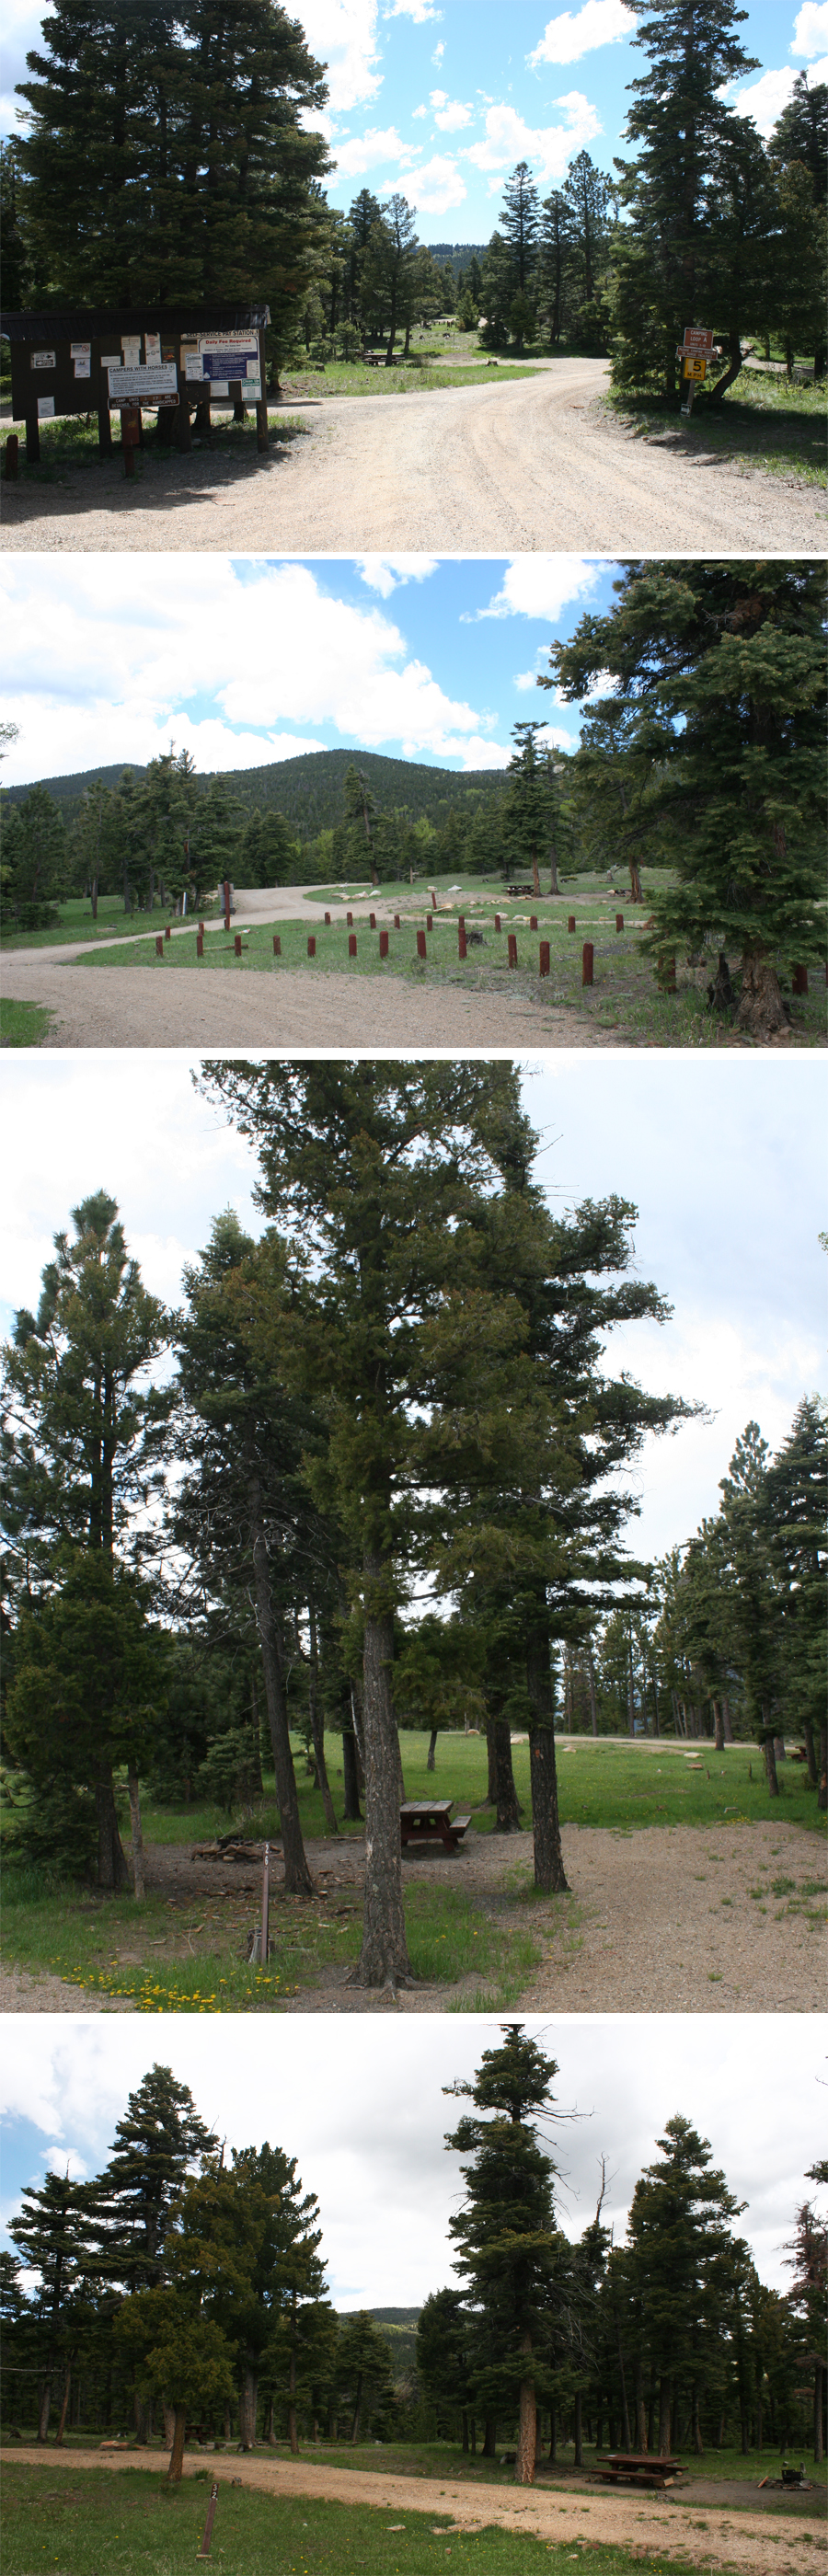 Cimarron Campground New Mexico sites